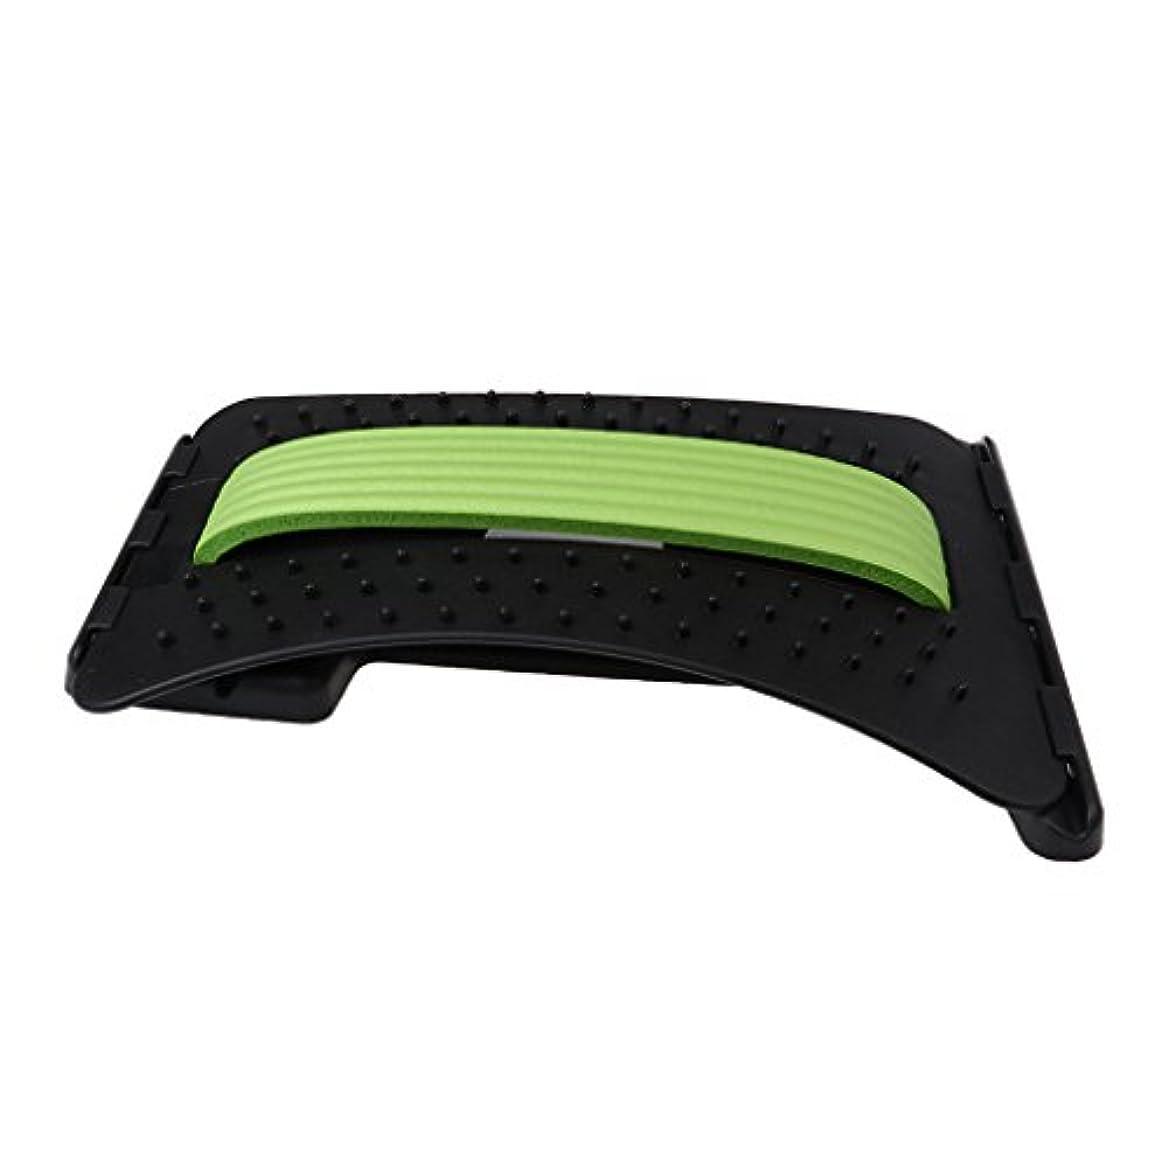 贈り物グローブ繰り返すBaosity バックストレッチャー 3段階調整 ABS製 リラックス ユニーク デザイン 3色選べる - 緑